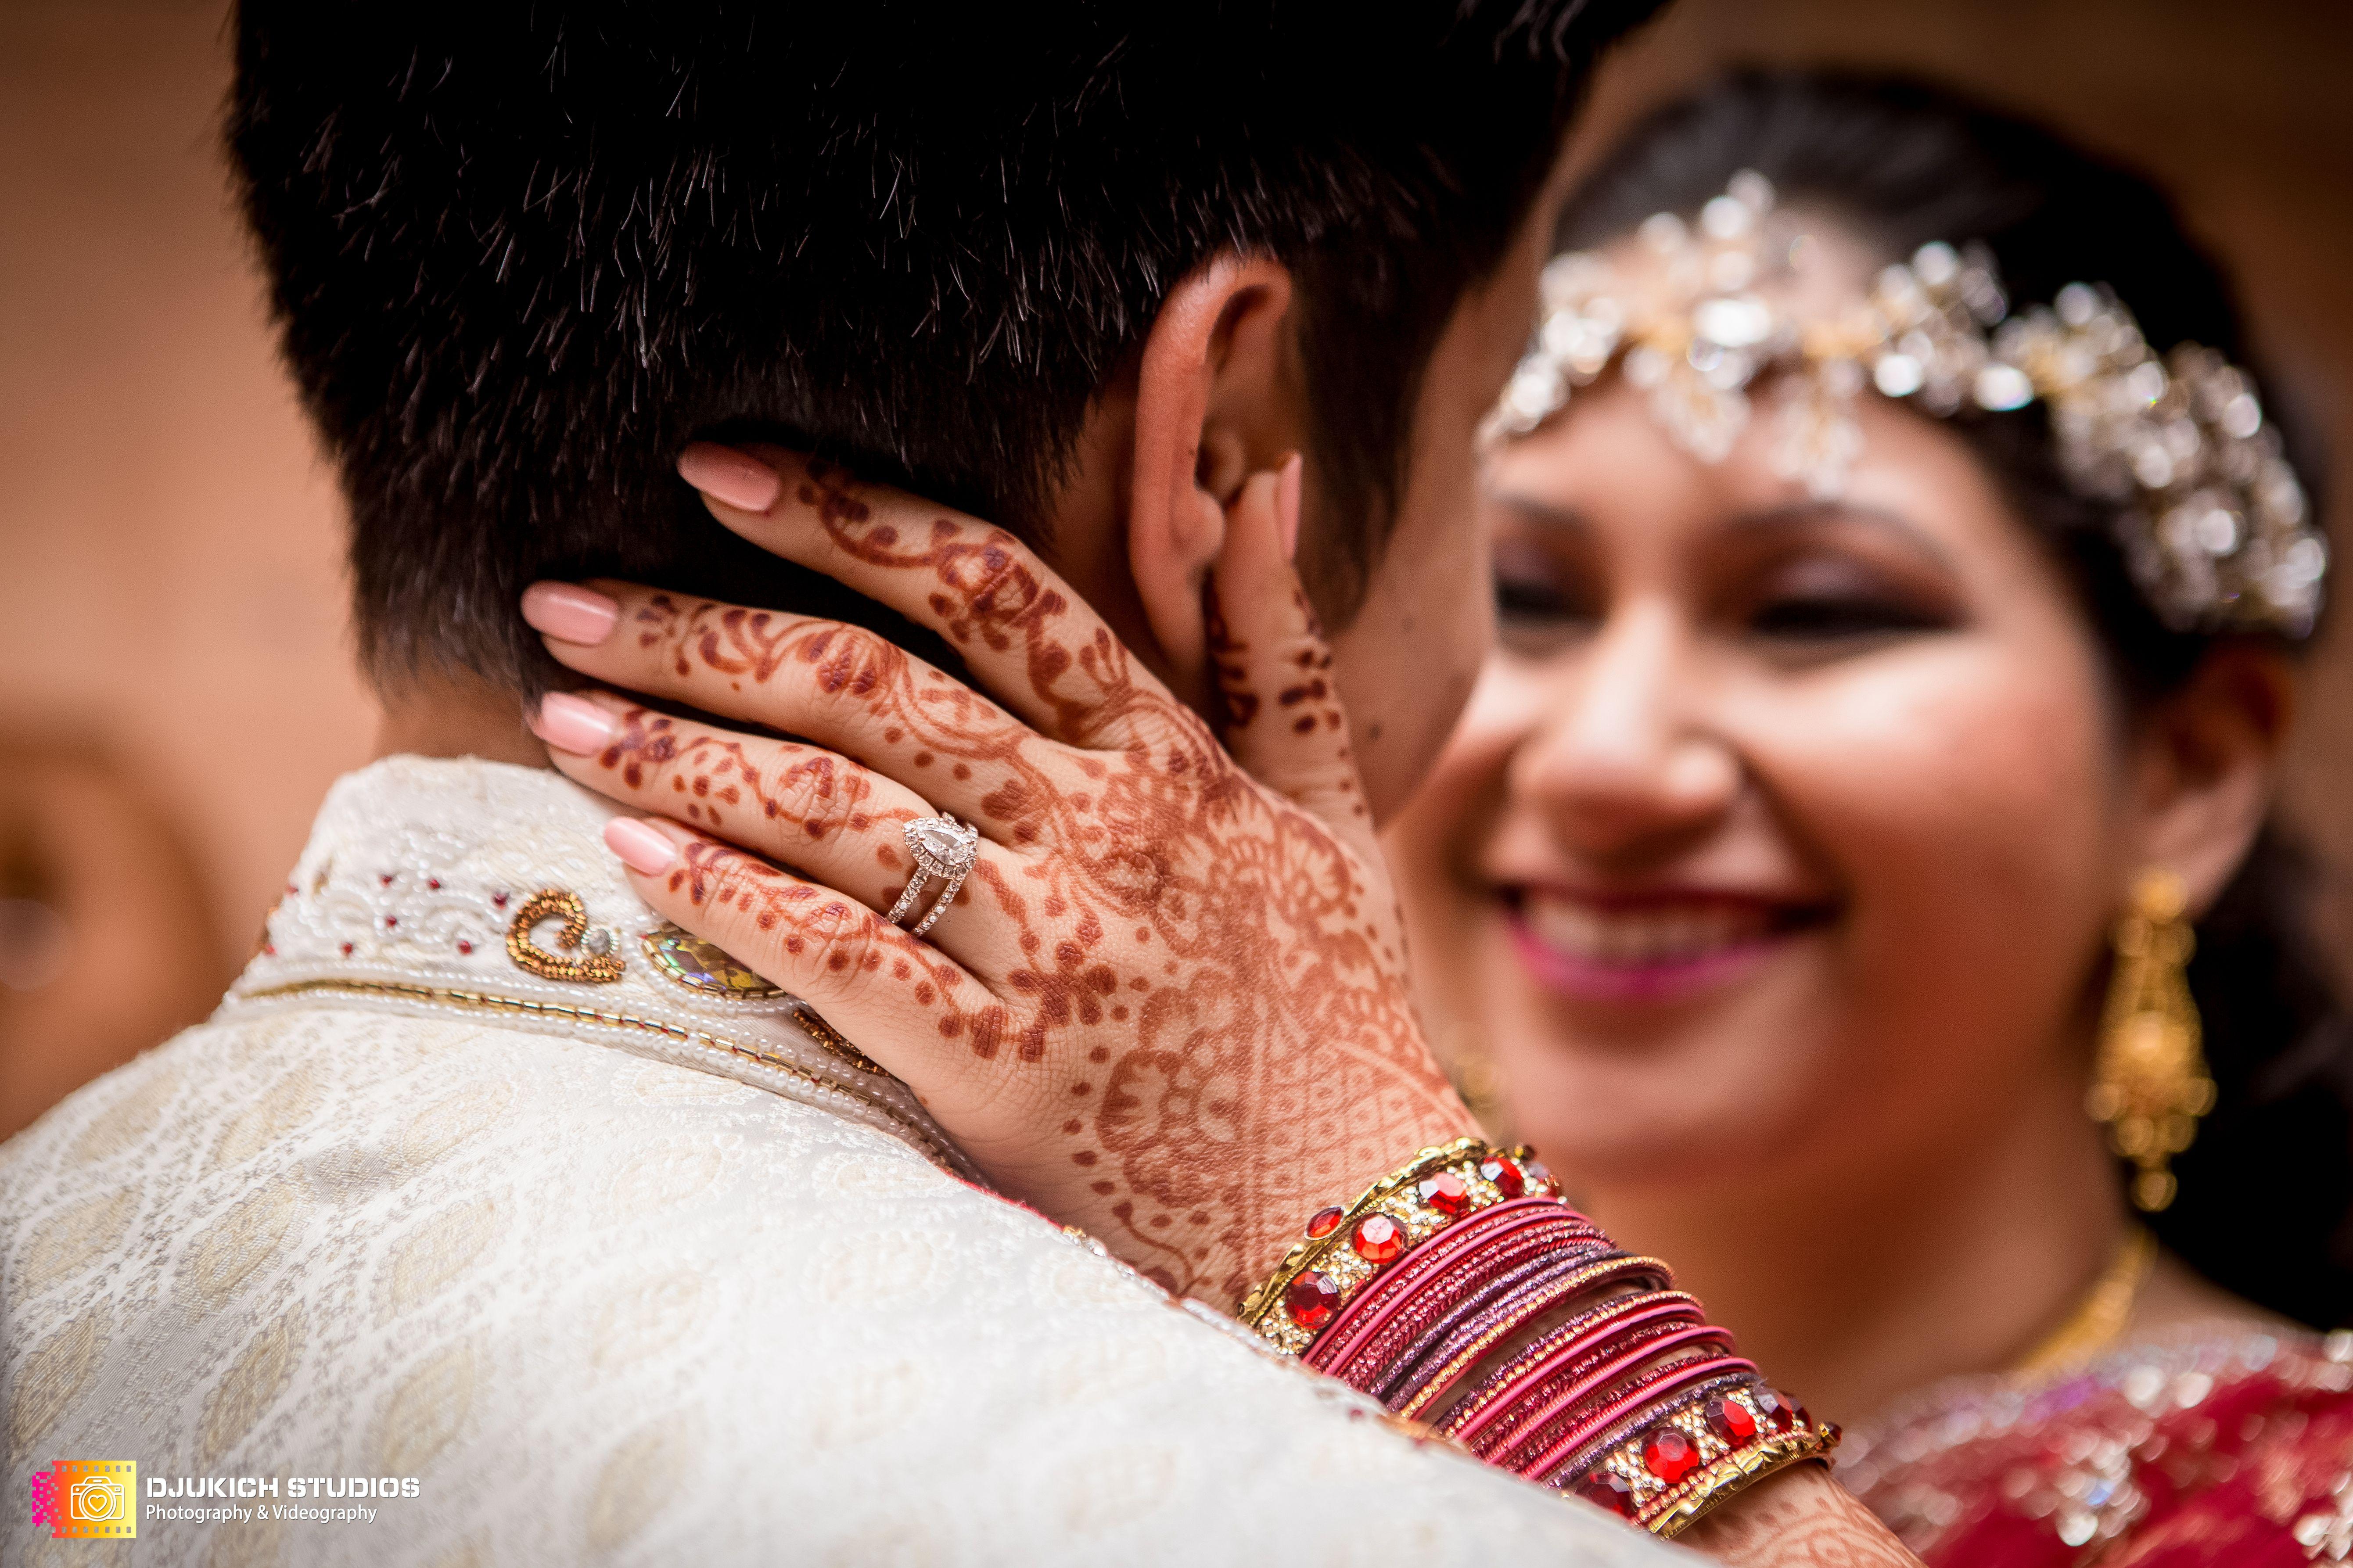 Wedding Day Wedding Photography Wedding Videography Indian Bride Indian Groom Indian Bride Groom Bride Indian Bride And Groom Indian Bride Bride Groom